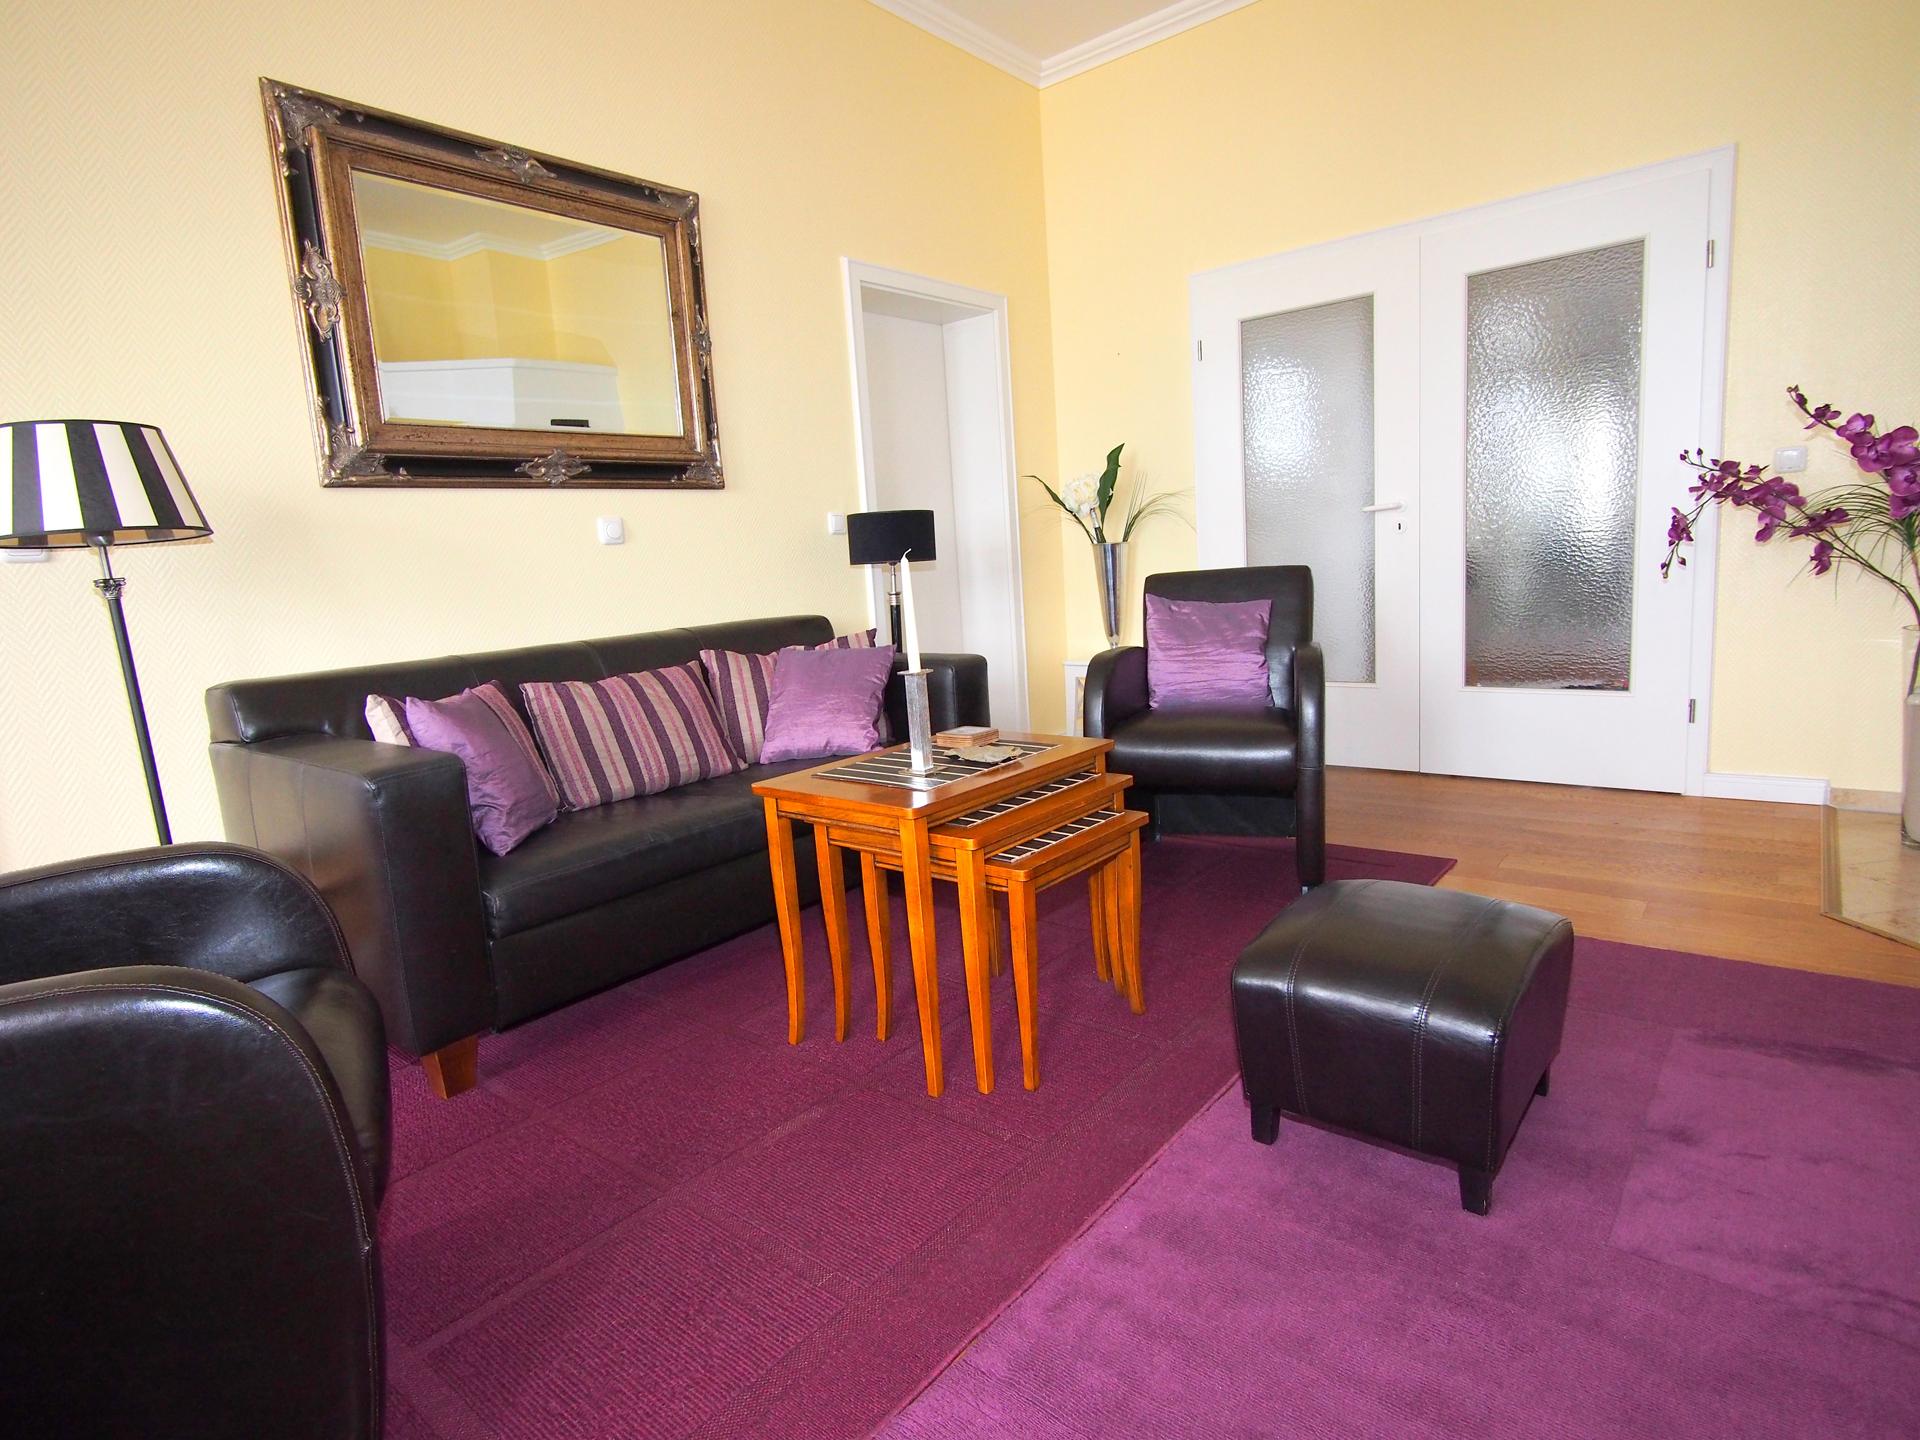 Das exklusive und hochwertige Wohnzimmer mit Leder und Holz Möbeln